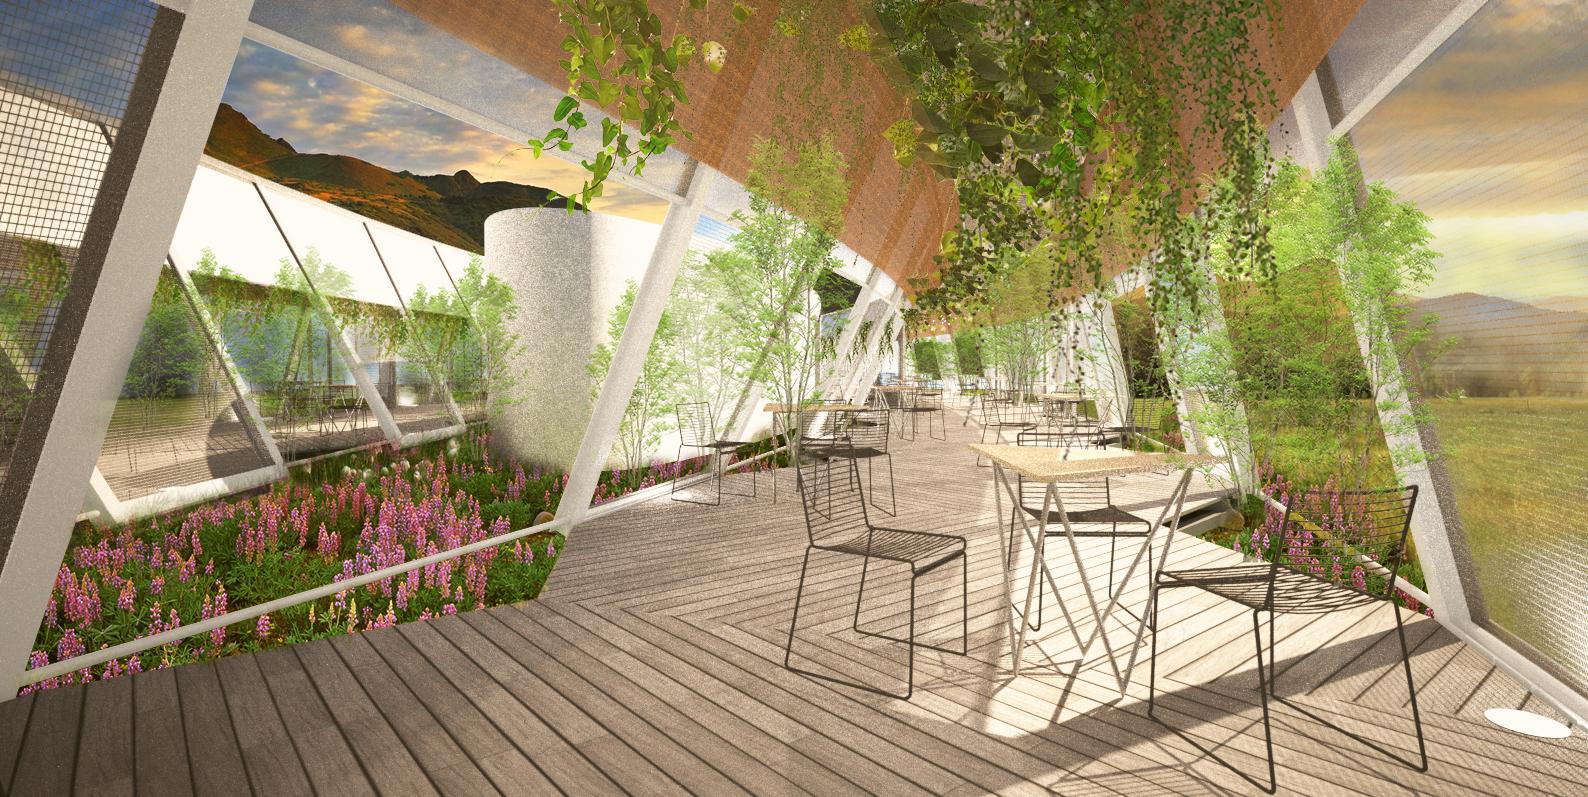 053_3D_1507_kitchen garden_008_mm3_0013.jpg